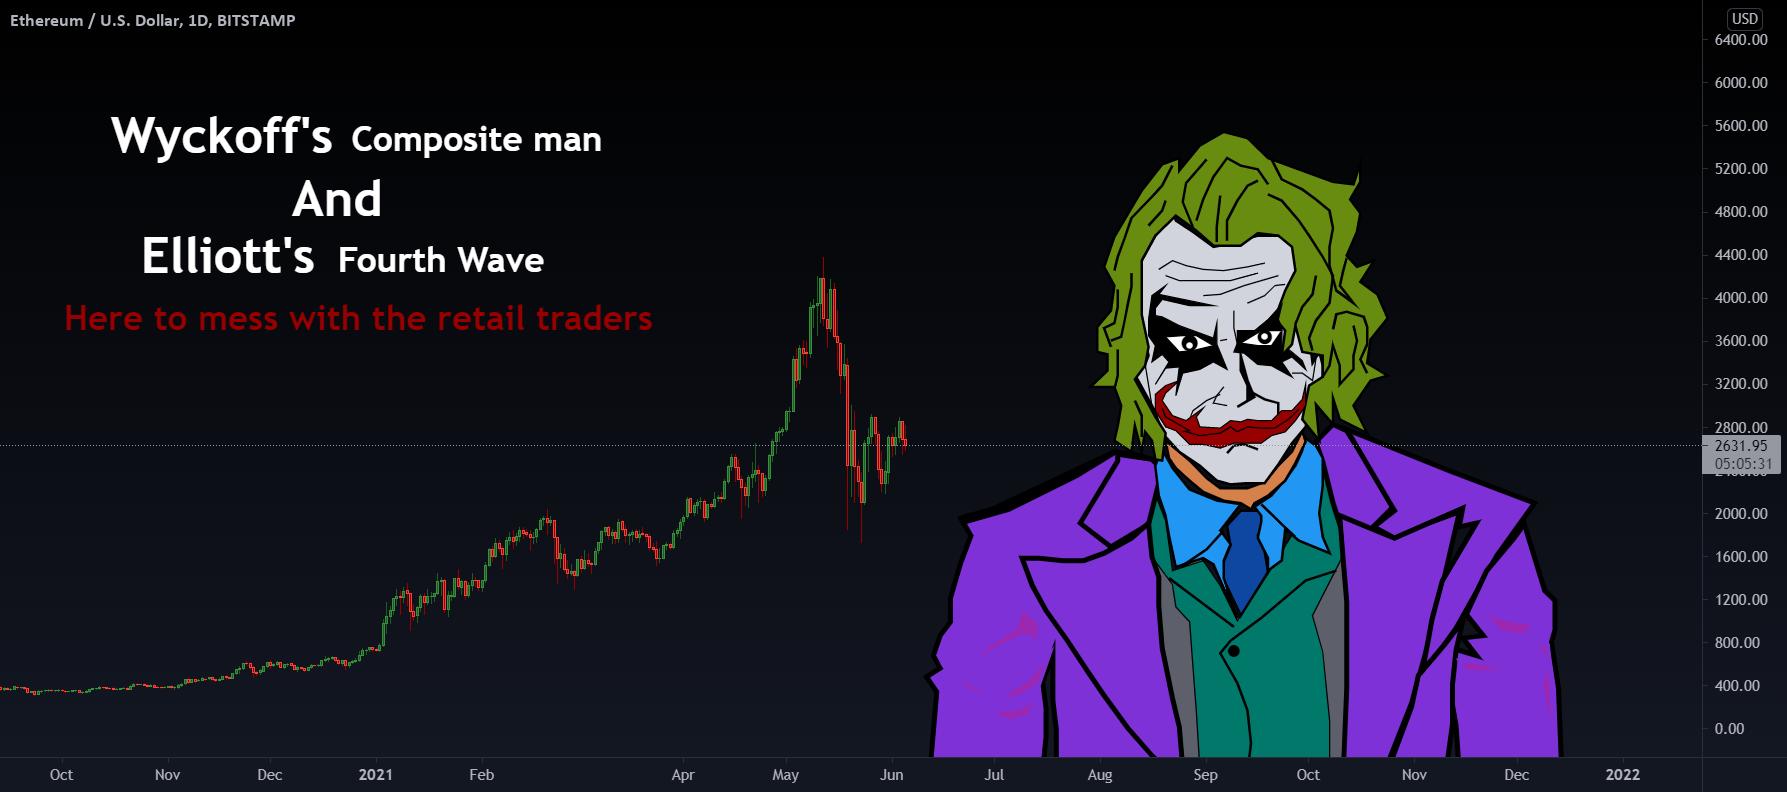 Composite man is a joker!